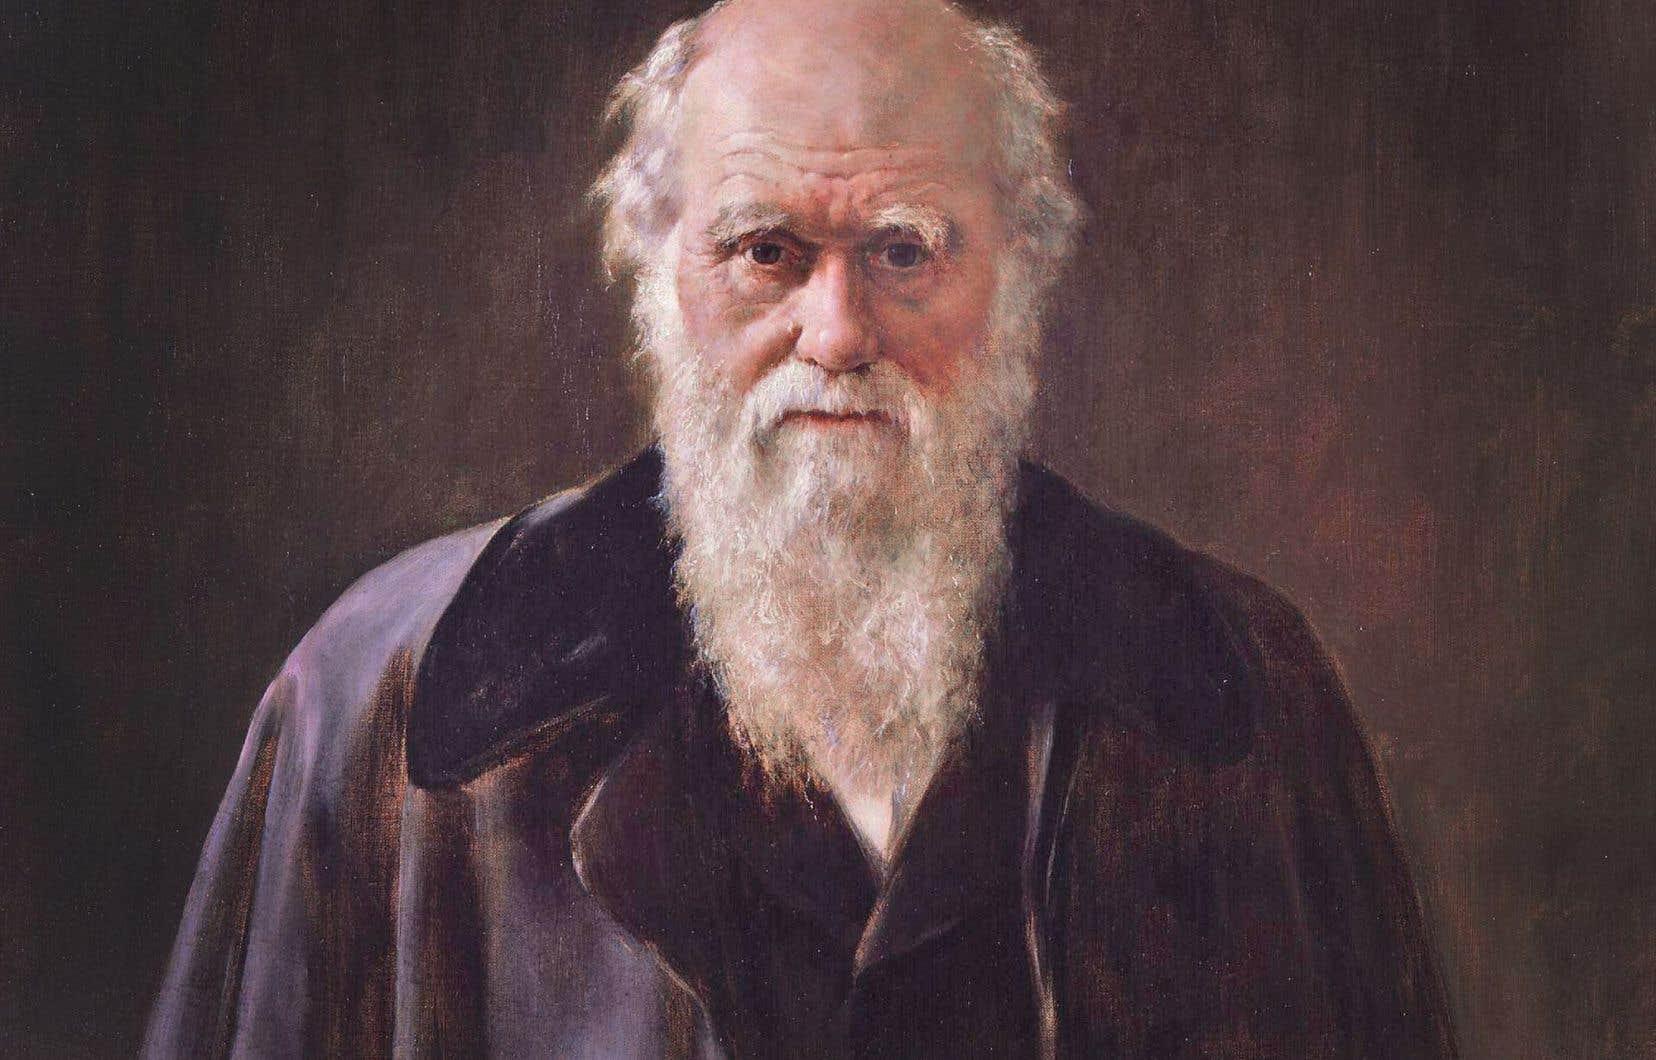 Adeptes de Darwin (ici peint par John Collier), les auteurs voient dans la «Male Idiot Theory» un phénomène relevant probablement de la sélection naturelle.